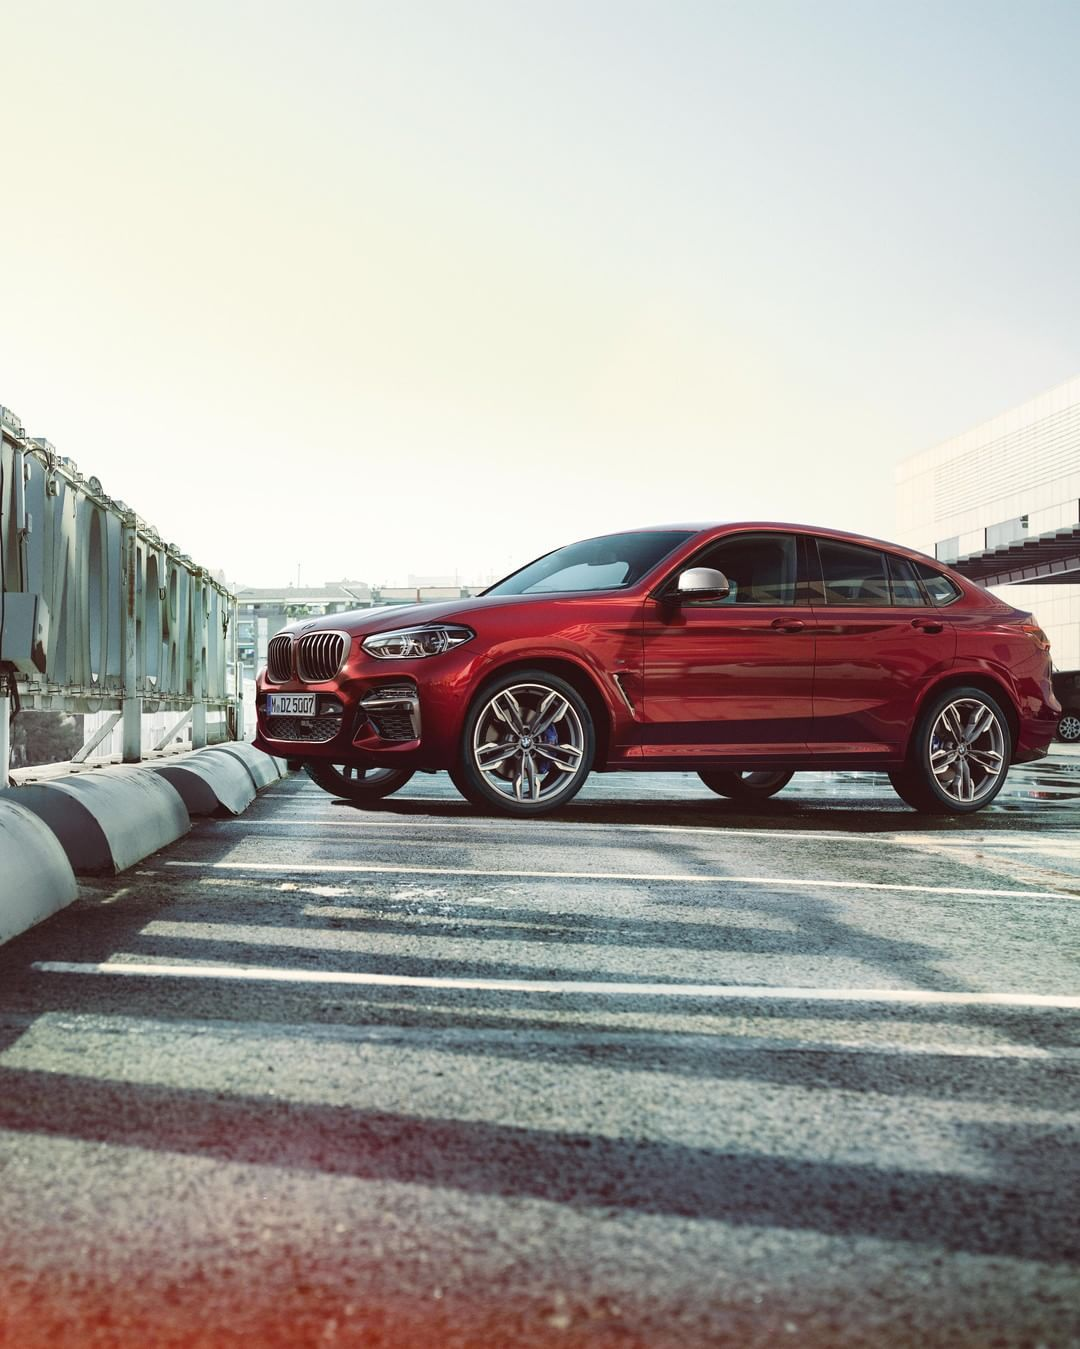 Top level. The BMW X4. __ BMW X4 M40 Bmw, Bmw x4